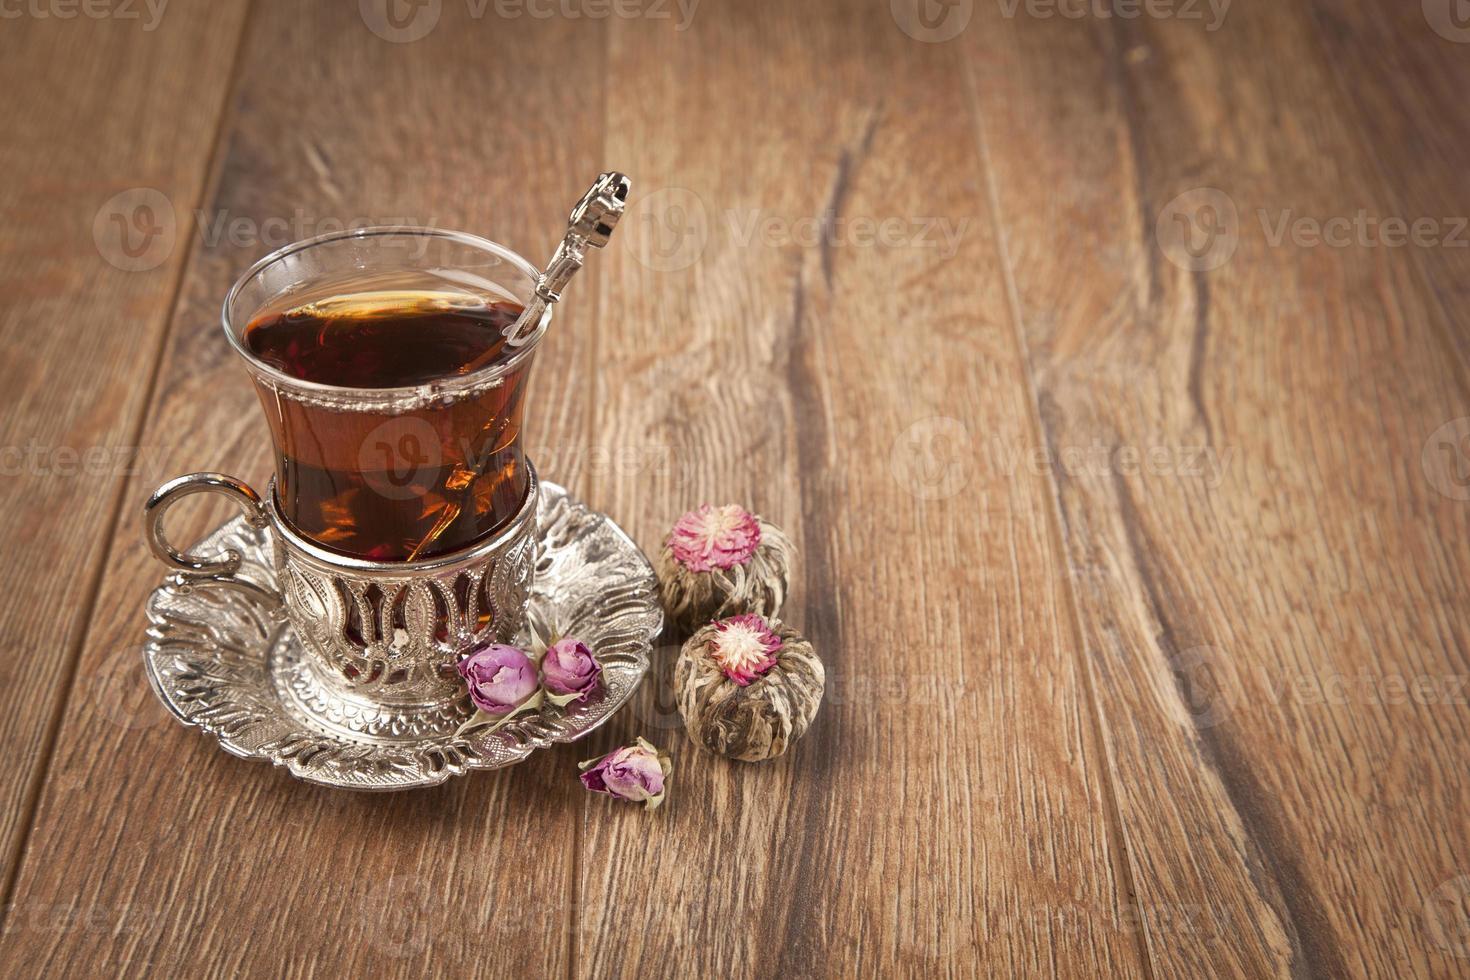 kopje Turkse thee geserveerd in traditionele stijl foto